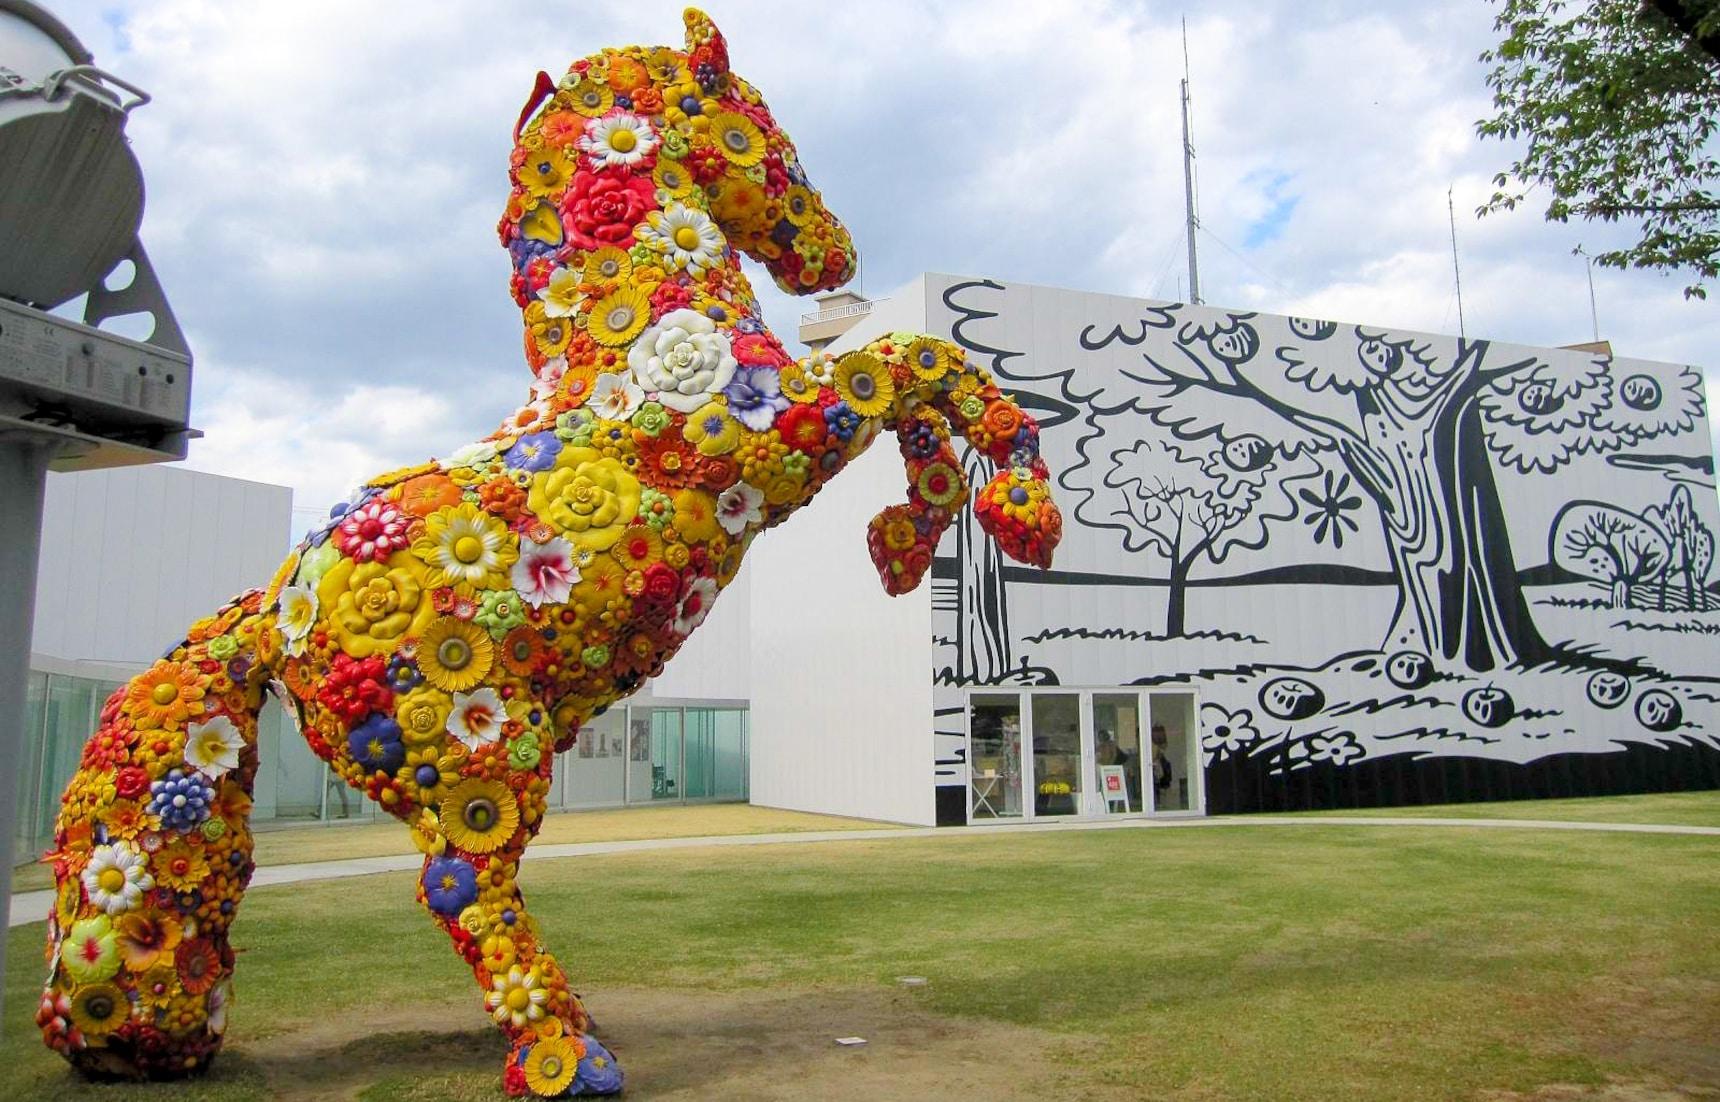 6 พิพิธภัณฑ์กลางแจ้งที่น่าสนใจในญี่ปุ่น